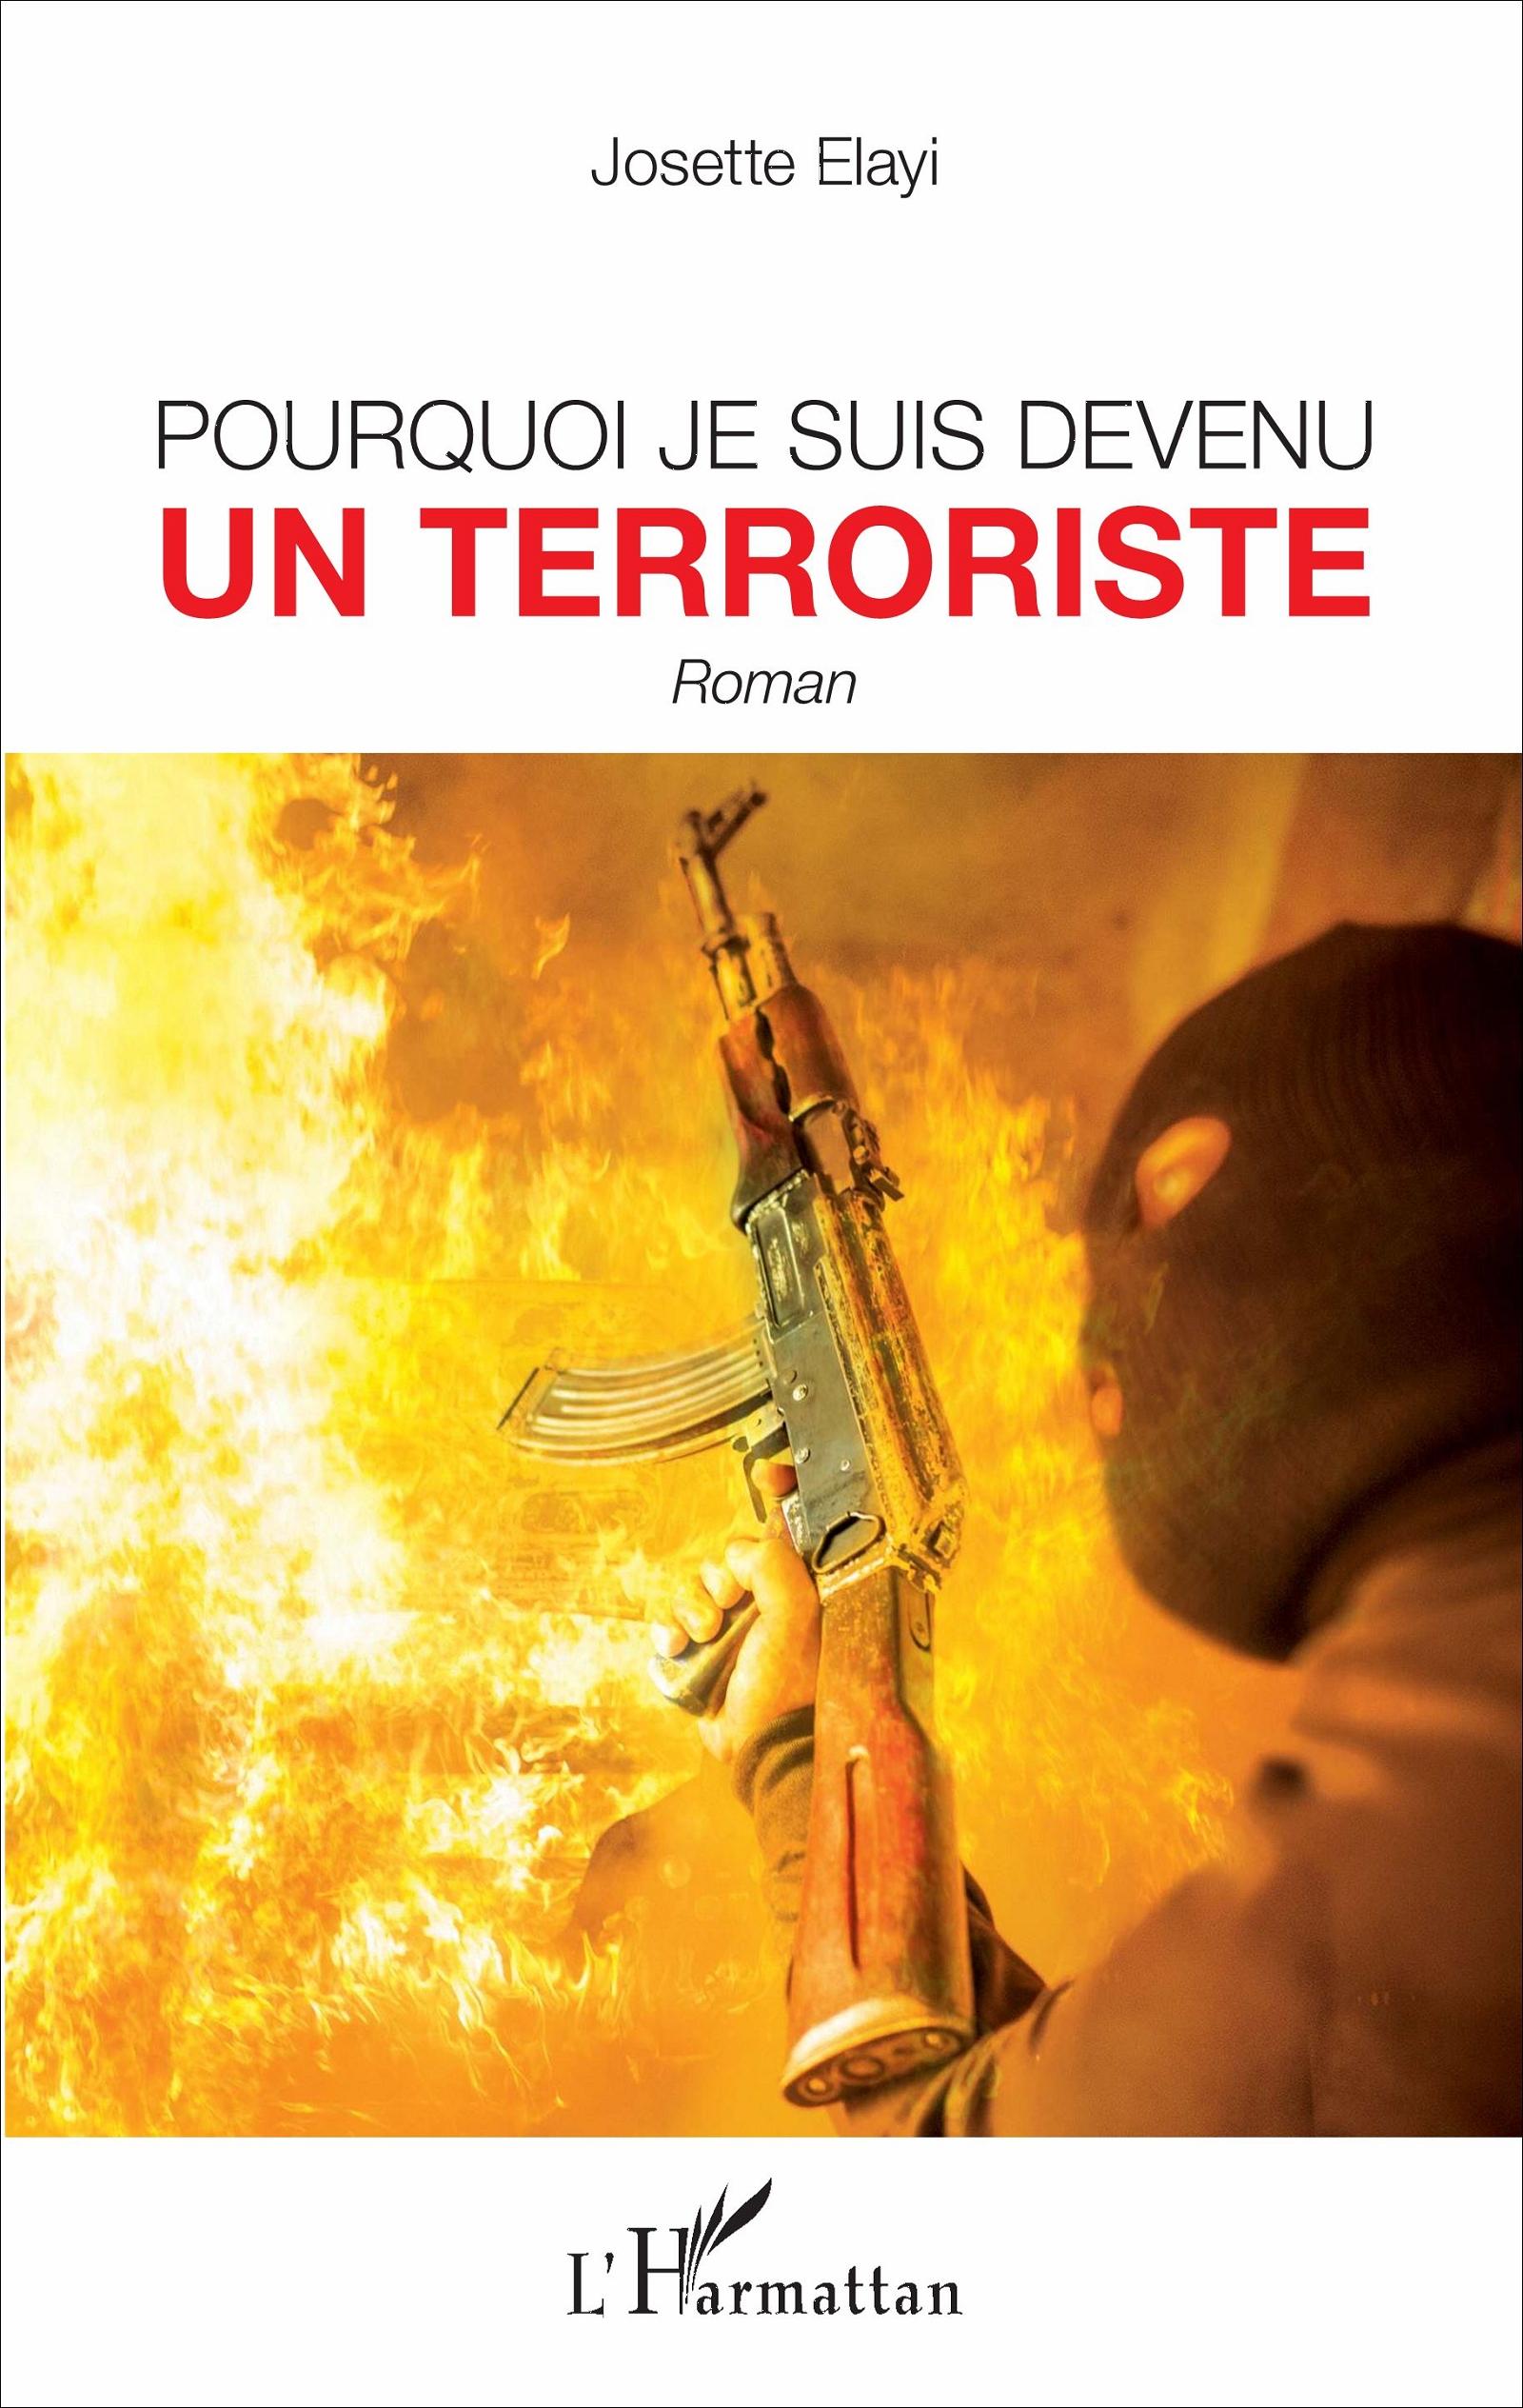 pourquoi je suis devenu un terroriste roman josette elayi livre ebook epub. Black Bedroom Furniture Sets. Home Design Ideas